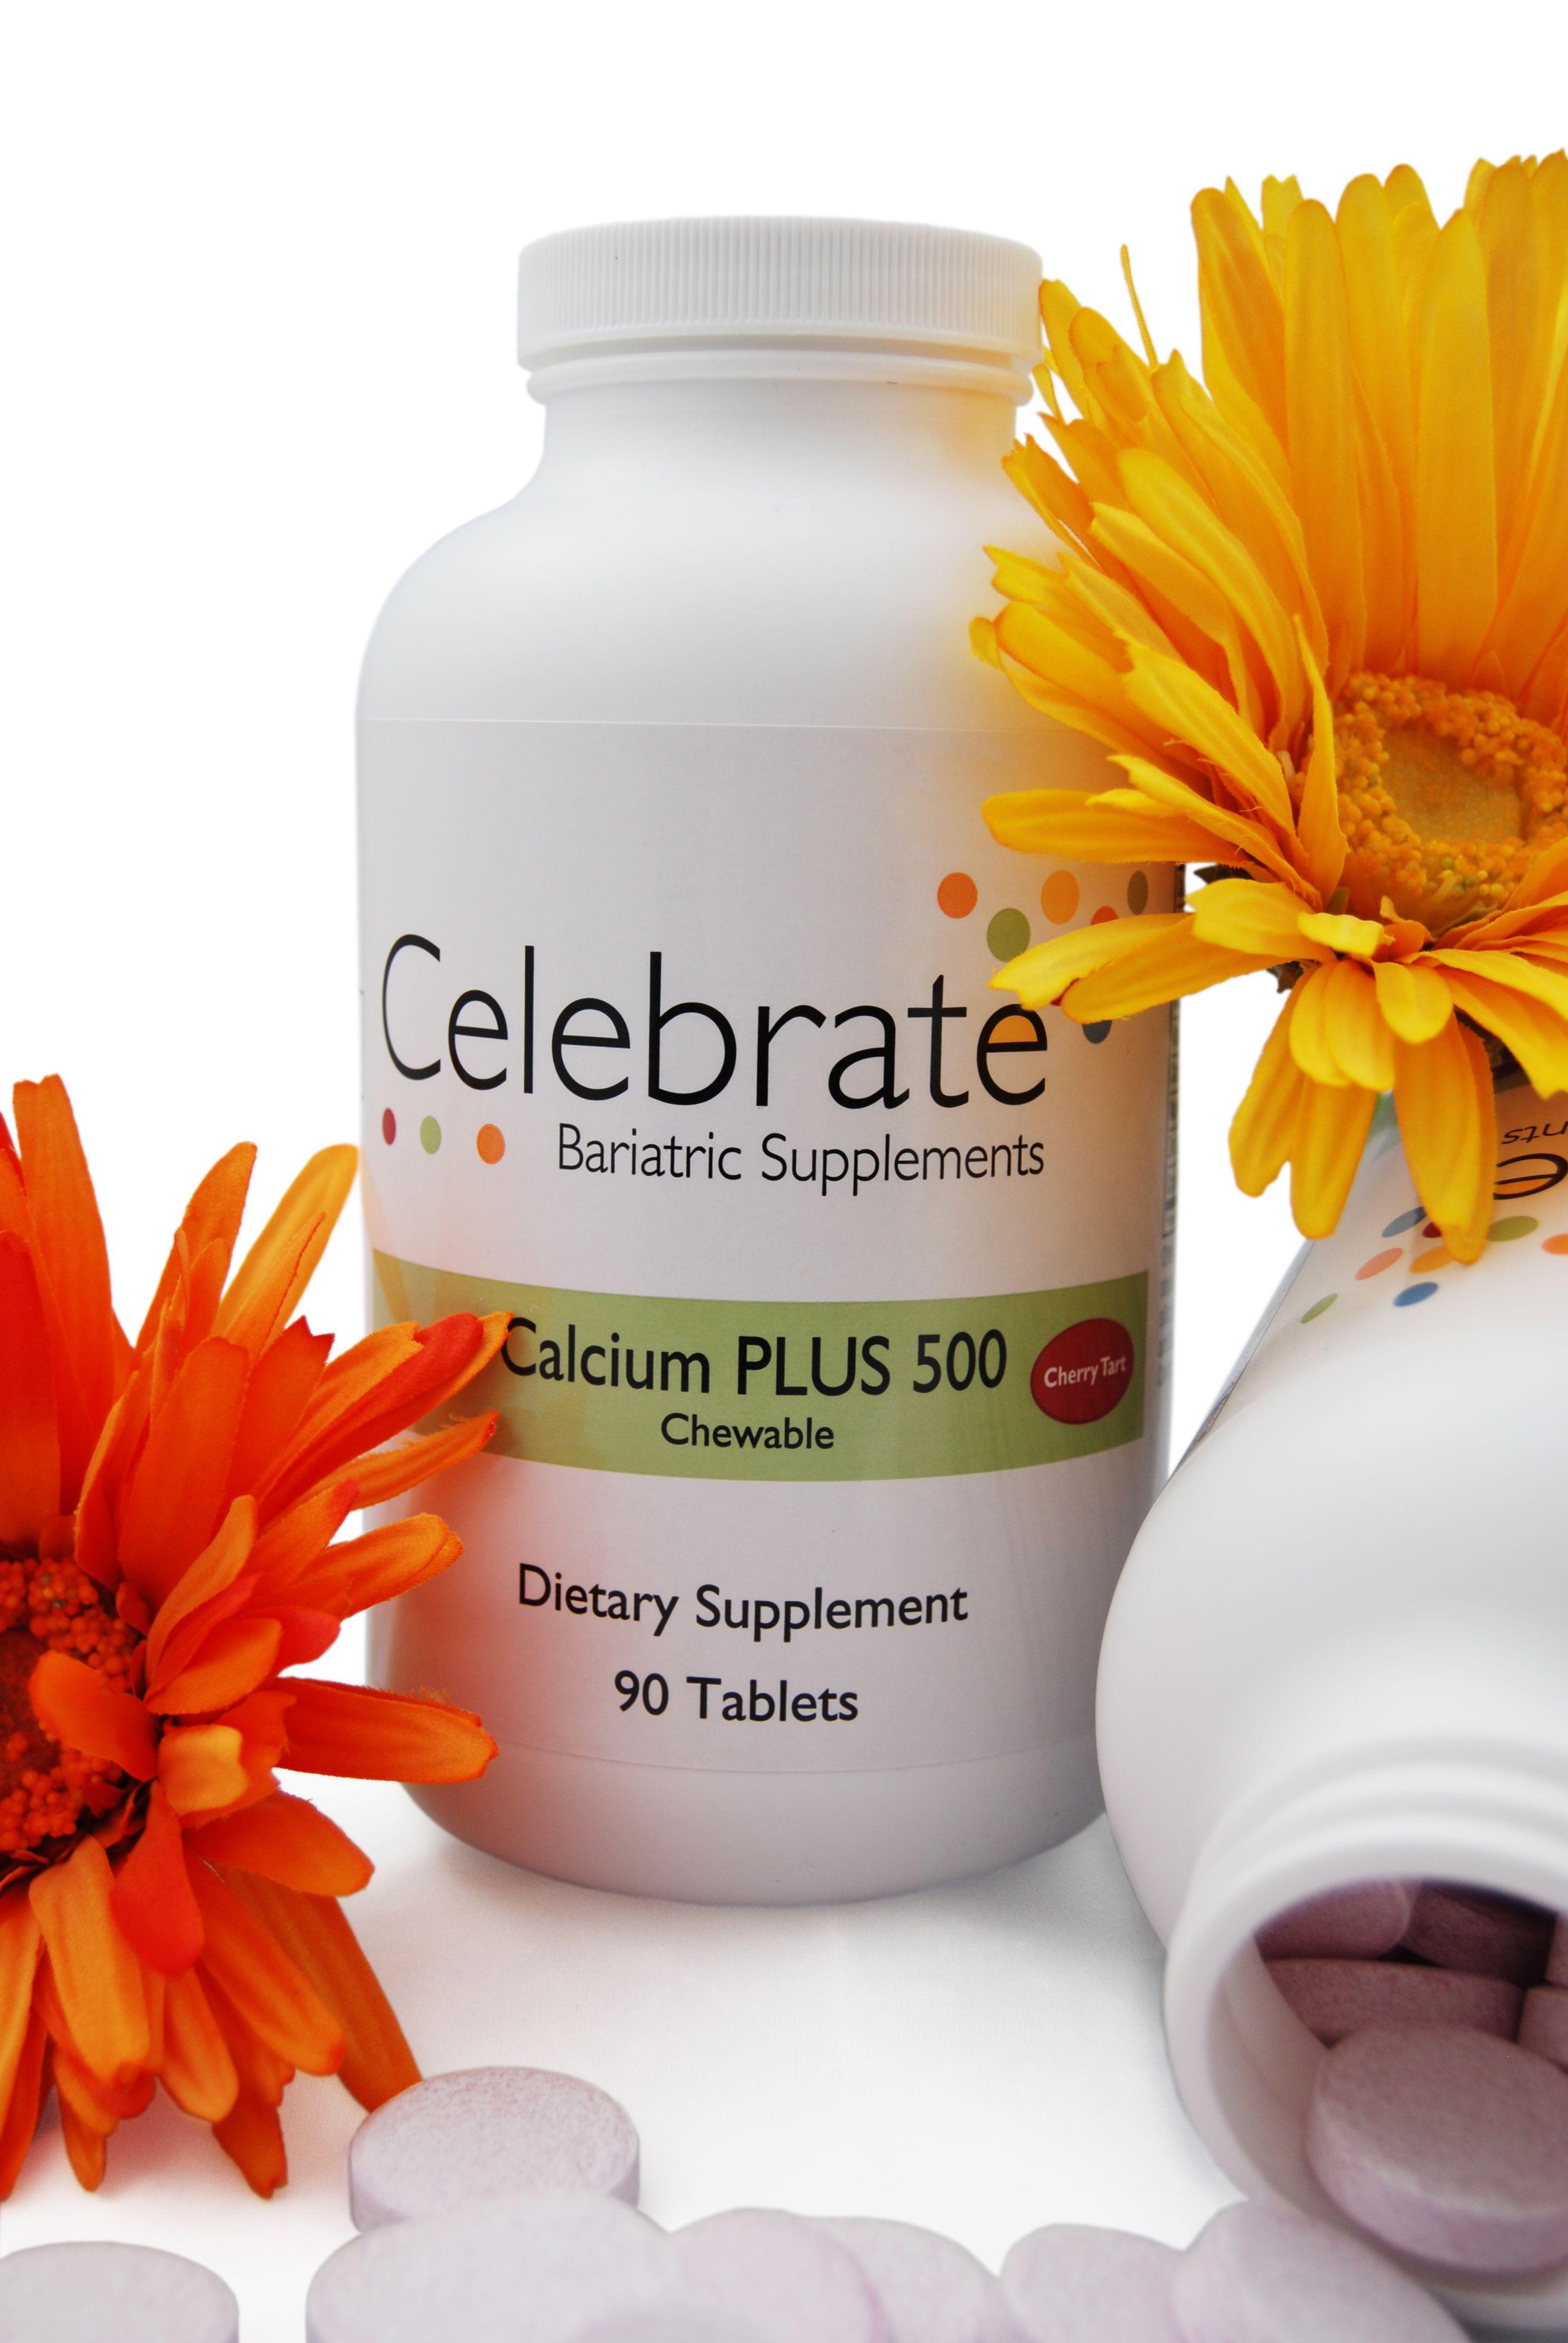 Calcium plus 500 chewable calcium calcium citrate